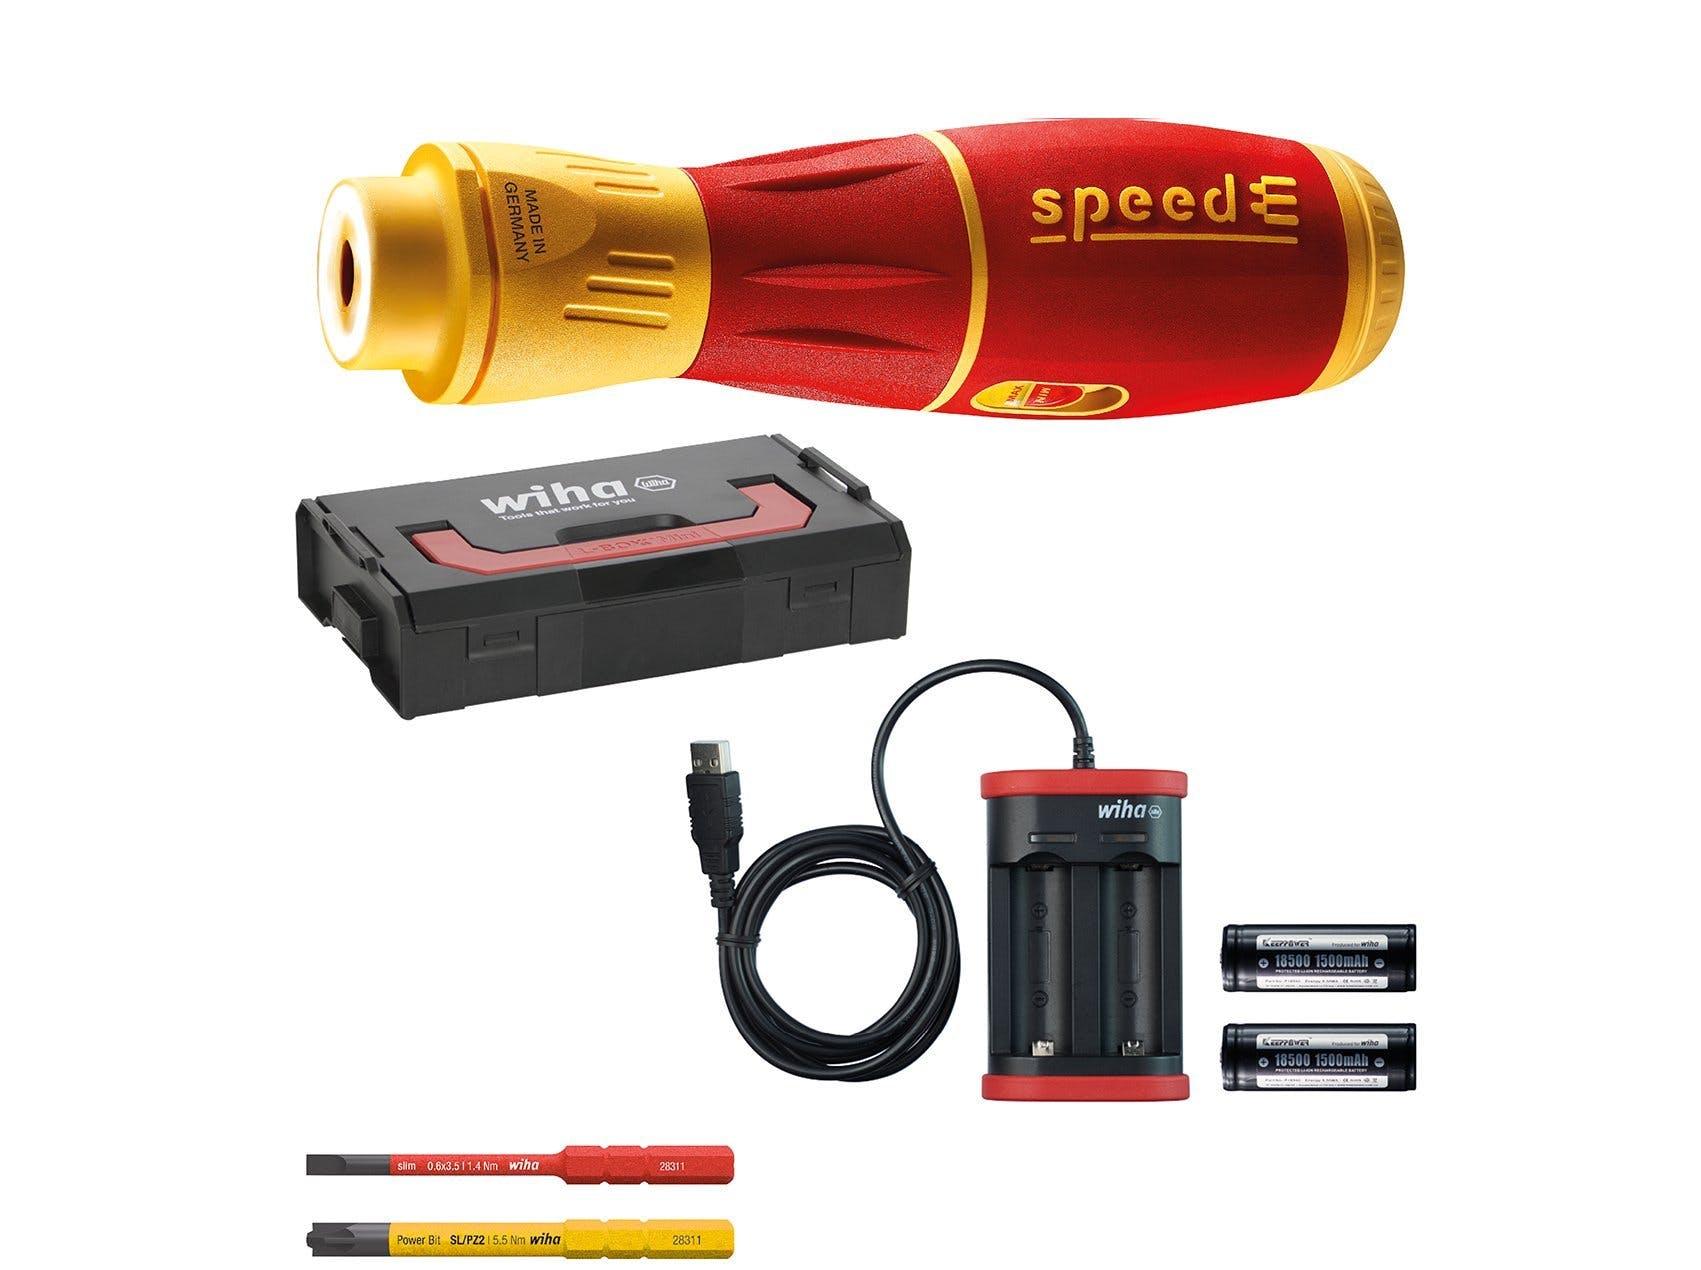 image of Wiha Tools speedE II